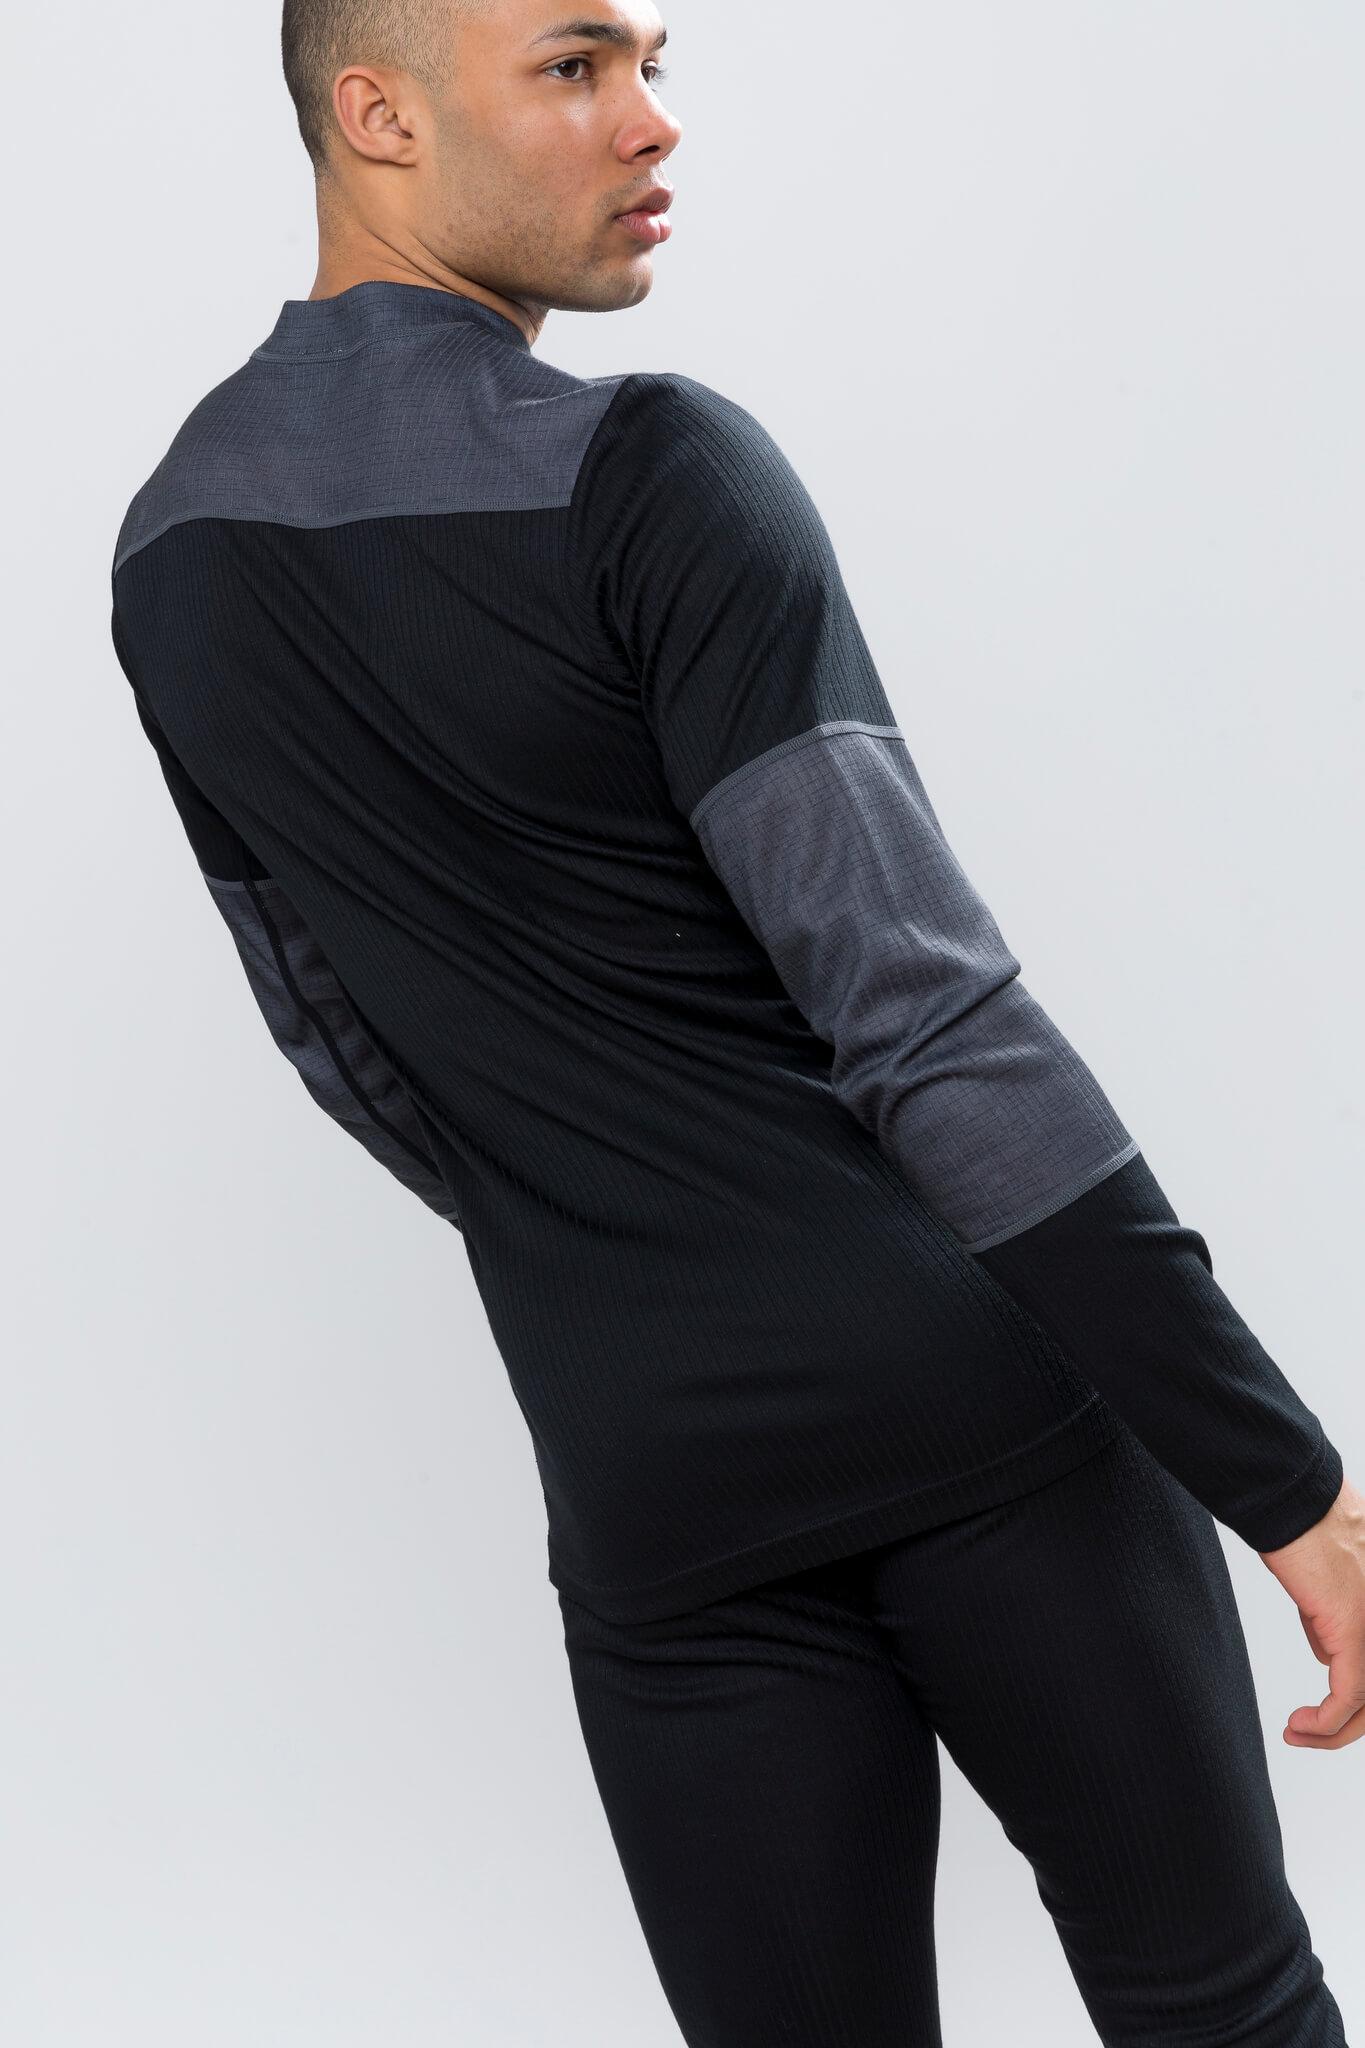 Craft Baselayer мужской комплект термобелья черный-серый - 4